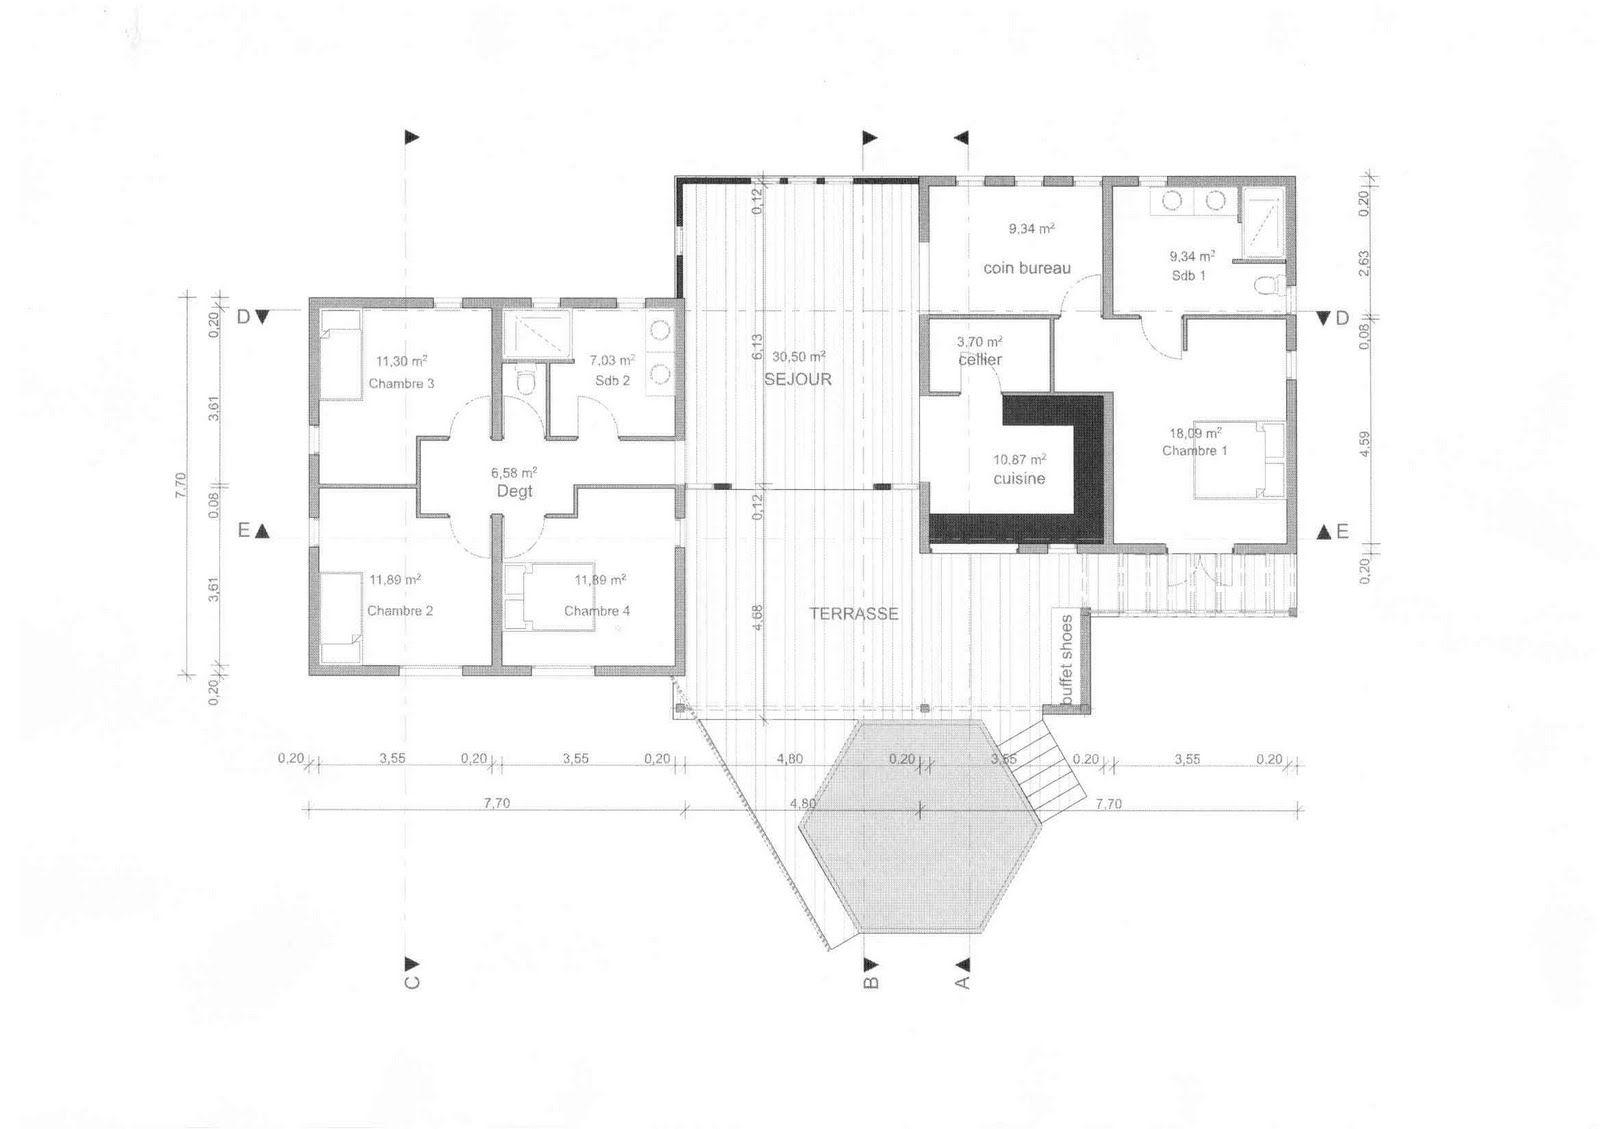 plan de maison moderne igc construction - plan maison 5 chambres +